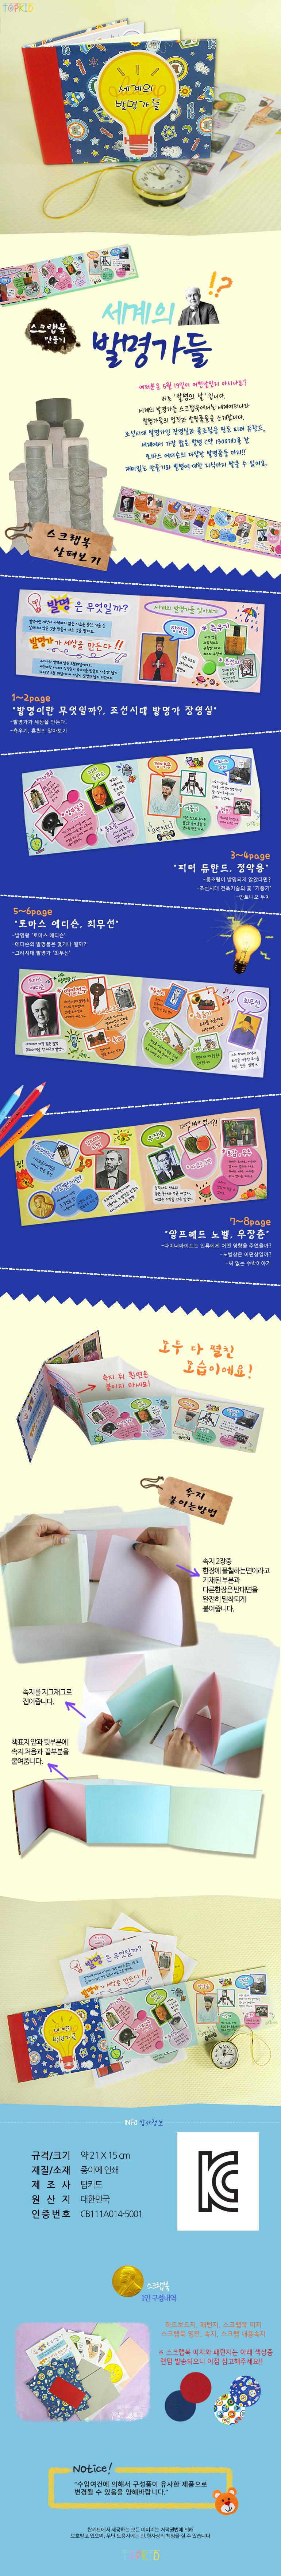 스크랩북만들기 세계의 발명가들 - 탑키드, 2,700원, 종이공예/북아트, 종이공예 패키지